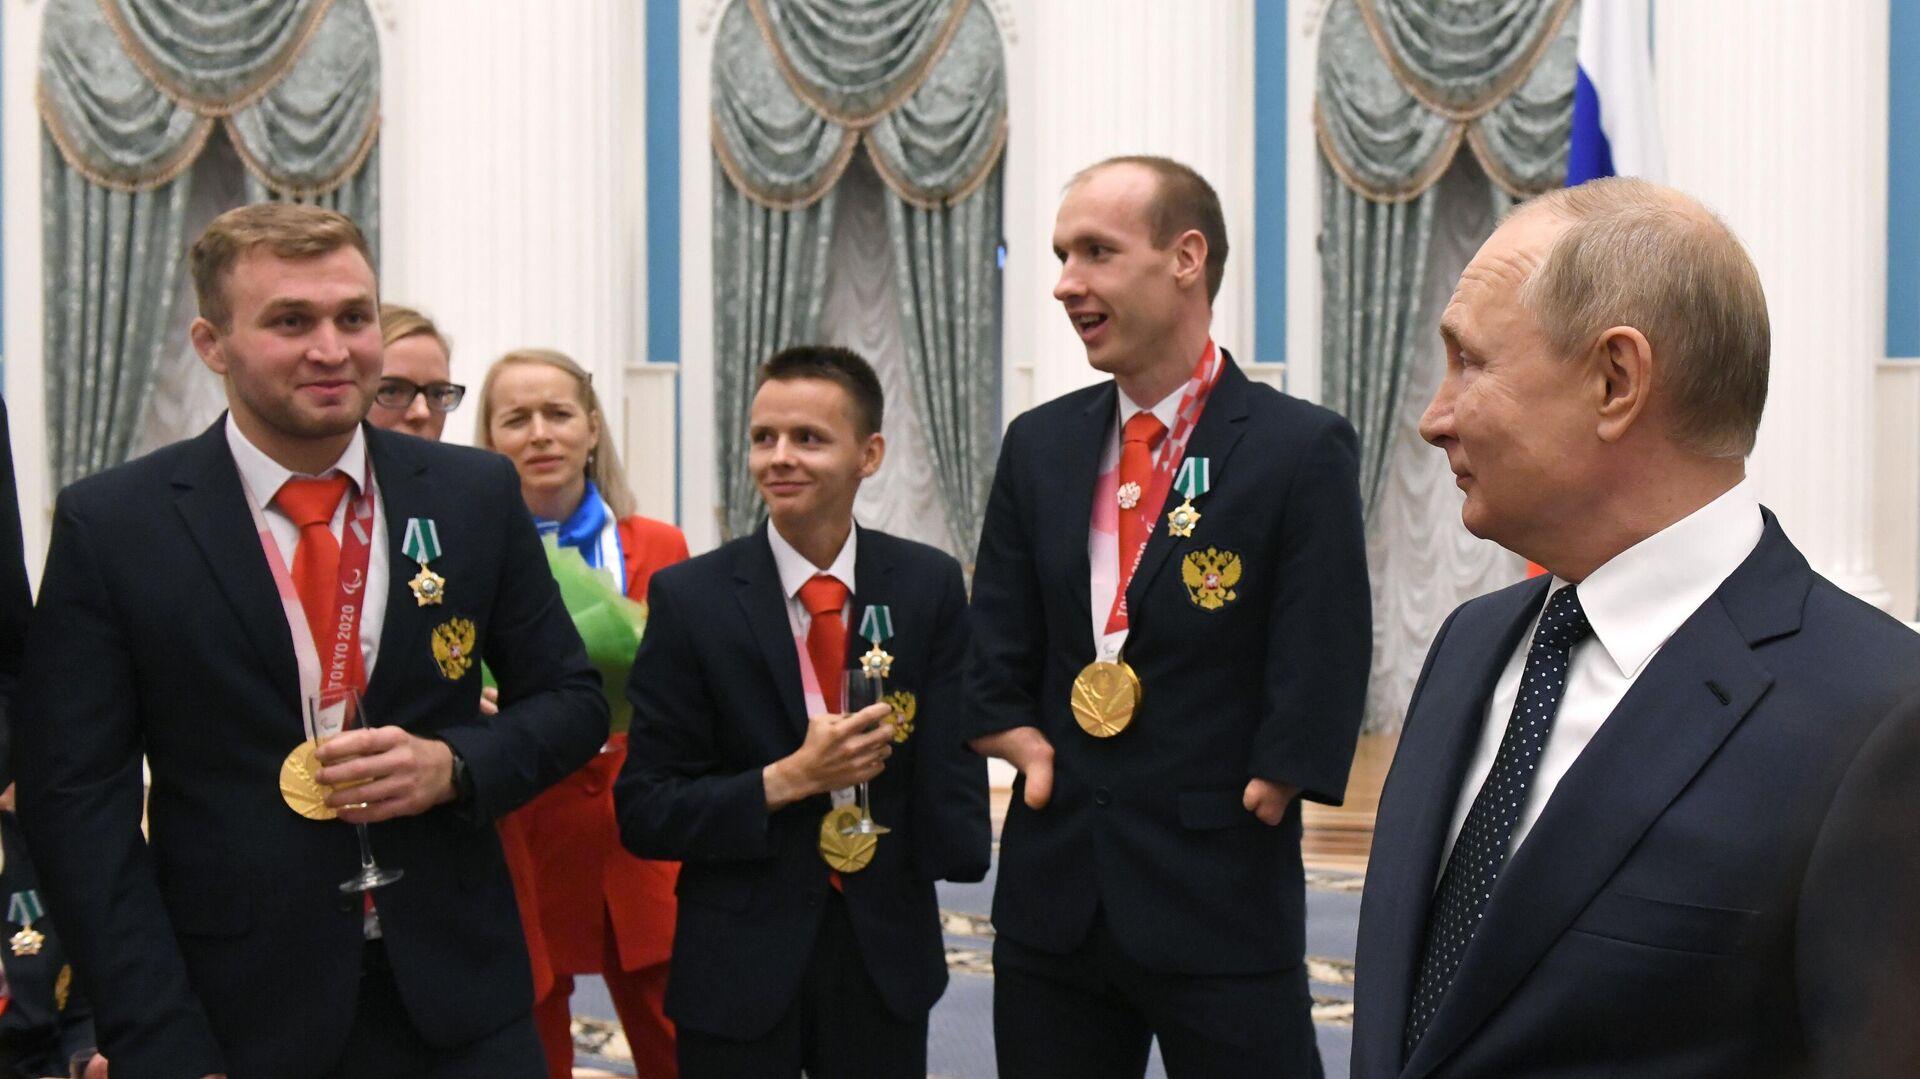 El presidente de Rusia, Vladímir Putin, condecora con premios estatales a los atletas rusos que ganaron medallas de oro en los Juegos Paralímpicos de Tokio 2020 - Sputnik Mundo, 1920, 13.09.2021